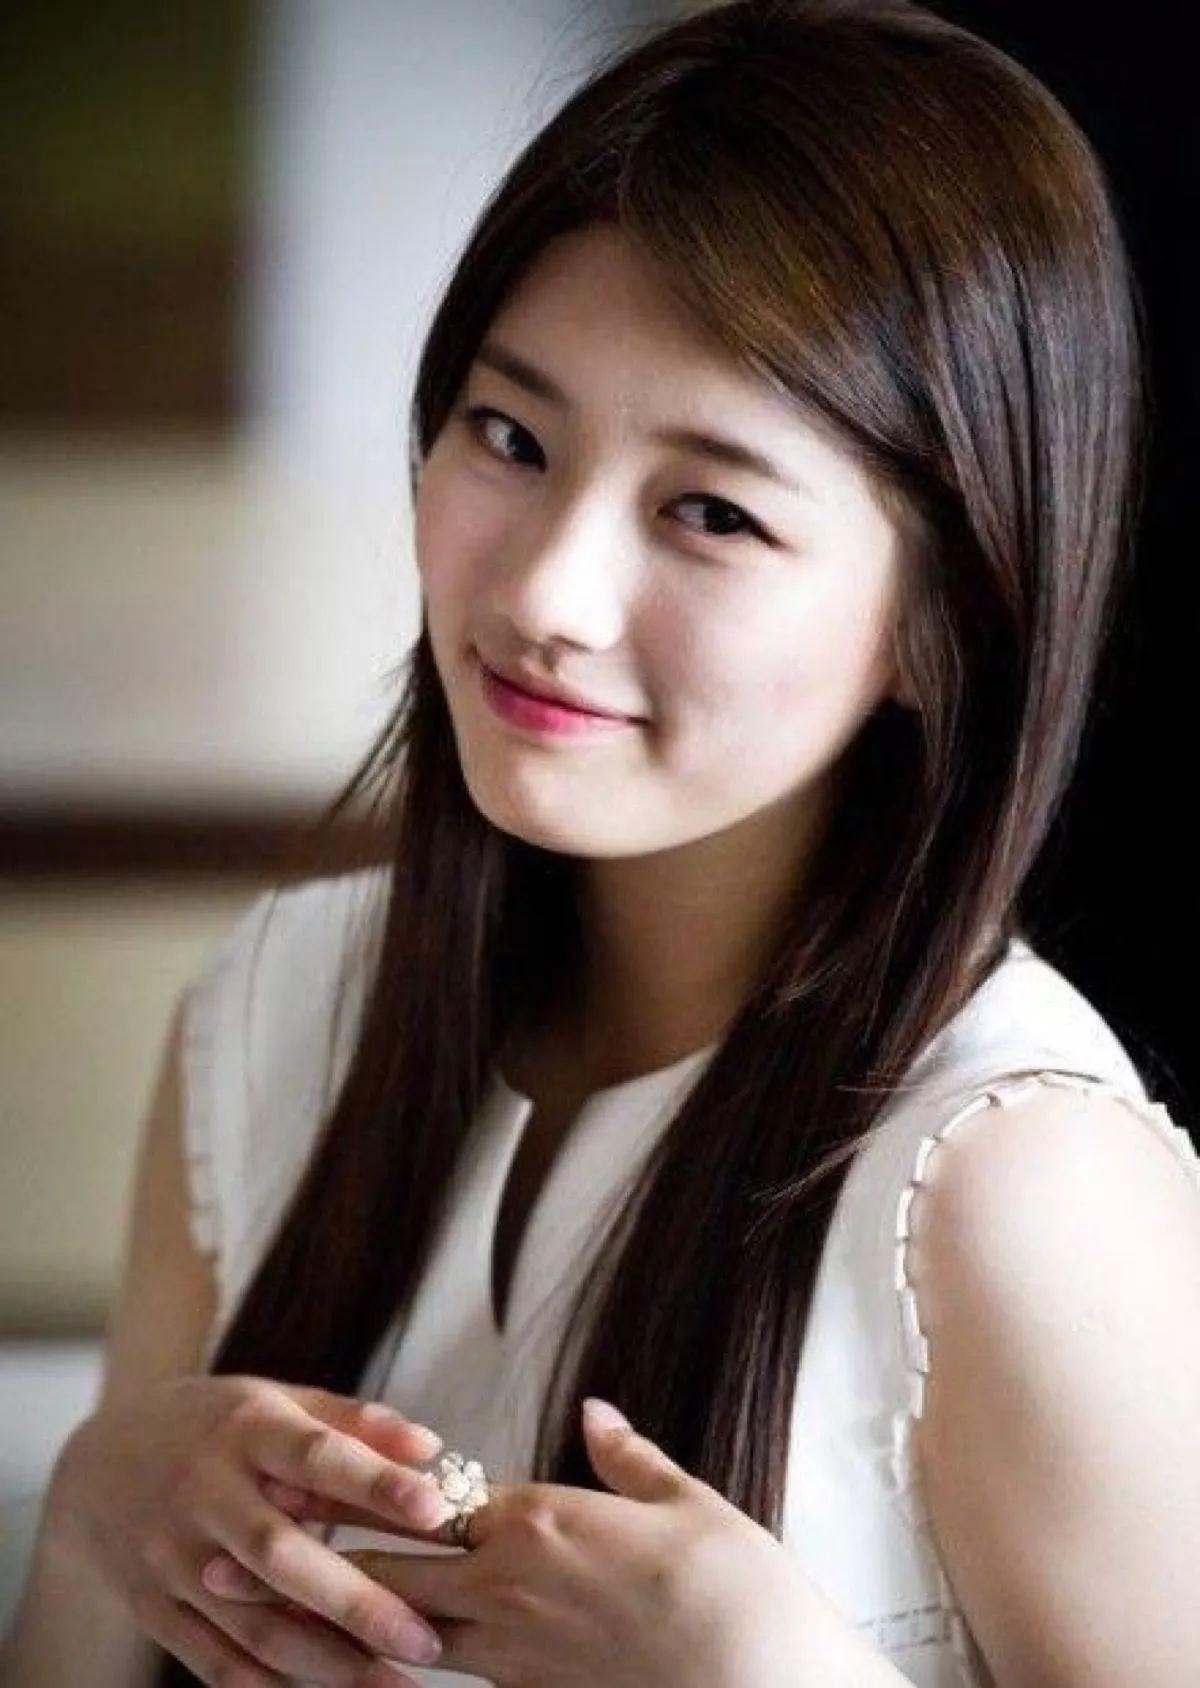 美女图赏张柏芝_世上最漂亮的初一女生大全_世上最漂亮的初一女生汇总